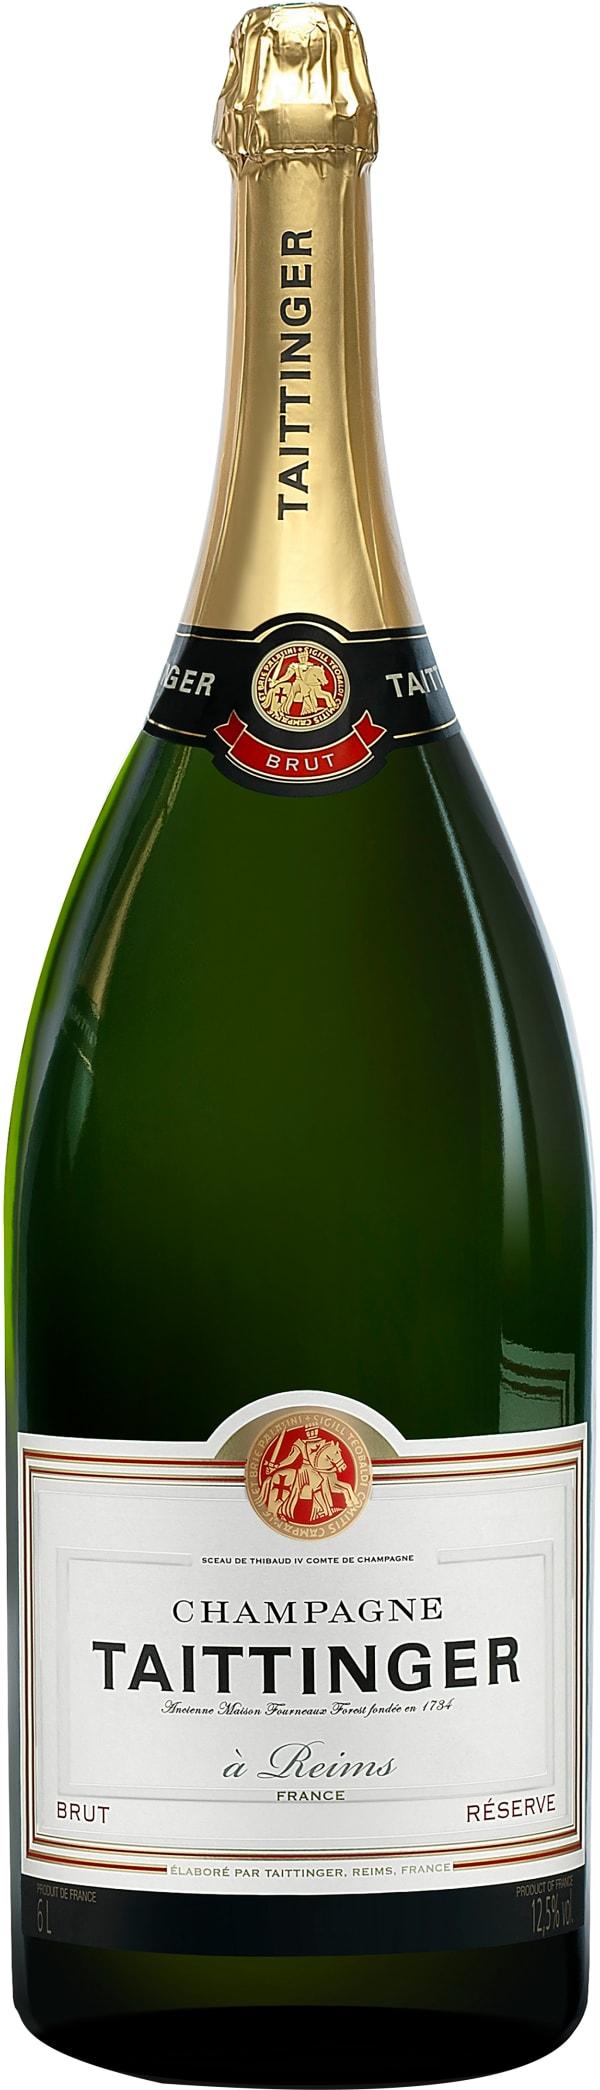 Taittinger Réserve Champagne Brut, Balthazar